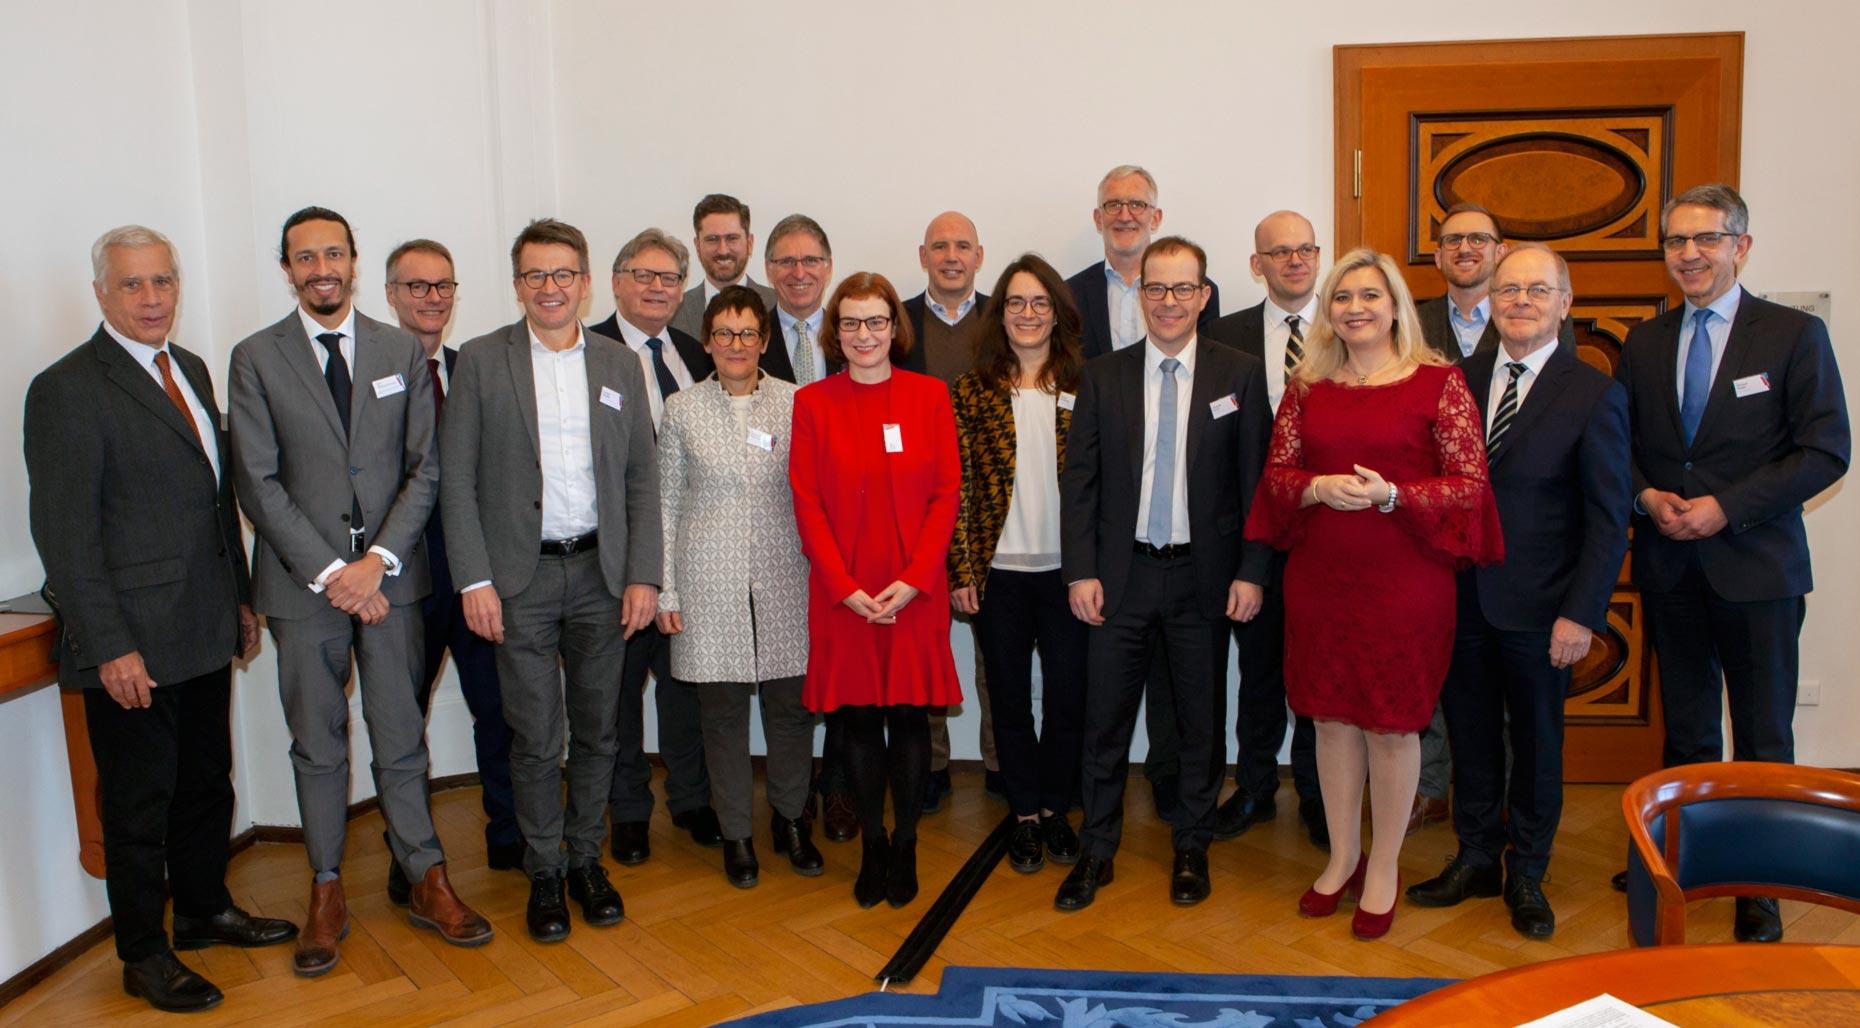 Bayerns Gesundheits- und Pflegeministerin Melanie Huml startete am 4. Februar 2019 in Nürnberg gemeinsam mit Vertretern von Ärzteschaft, Forschung und Industrie sowie von Krankenkassen und Betroffenen das Bayerische Innovationsbündnis gegen Krebs.